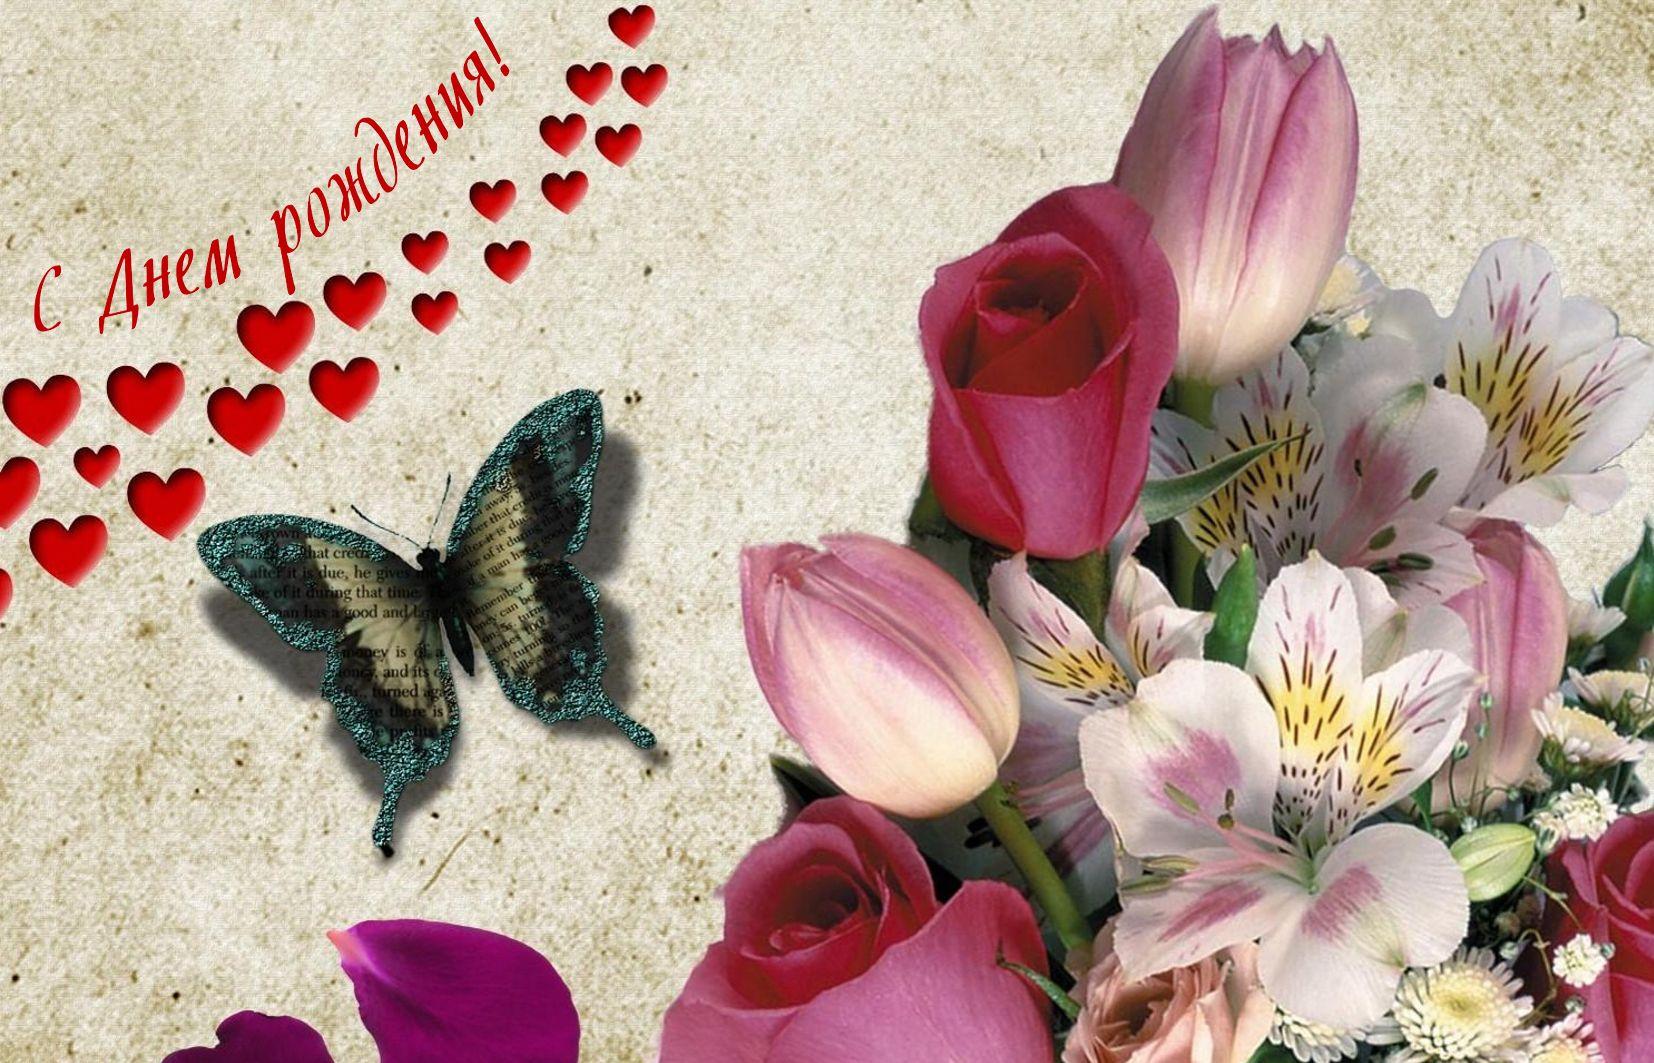 этот поздравление с днем рождения открытки цветы оригинальные нет ничего удивительного